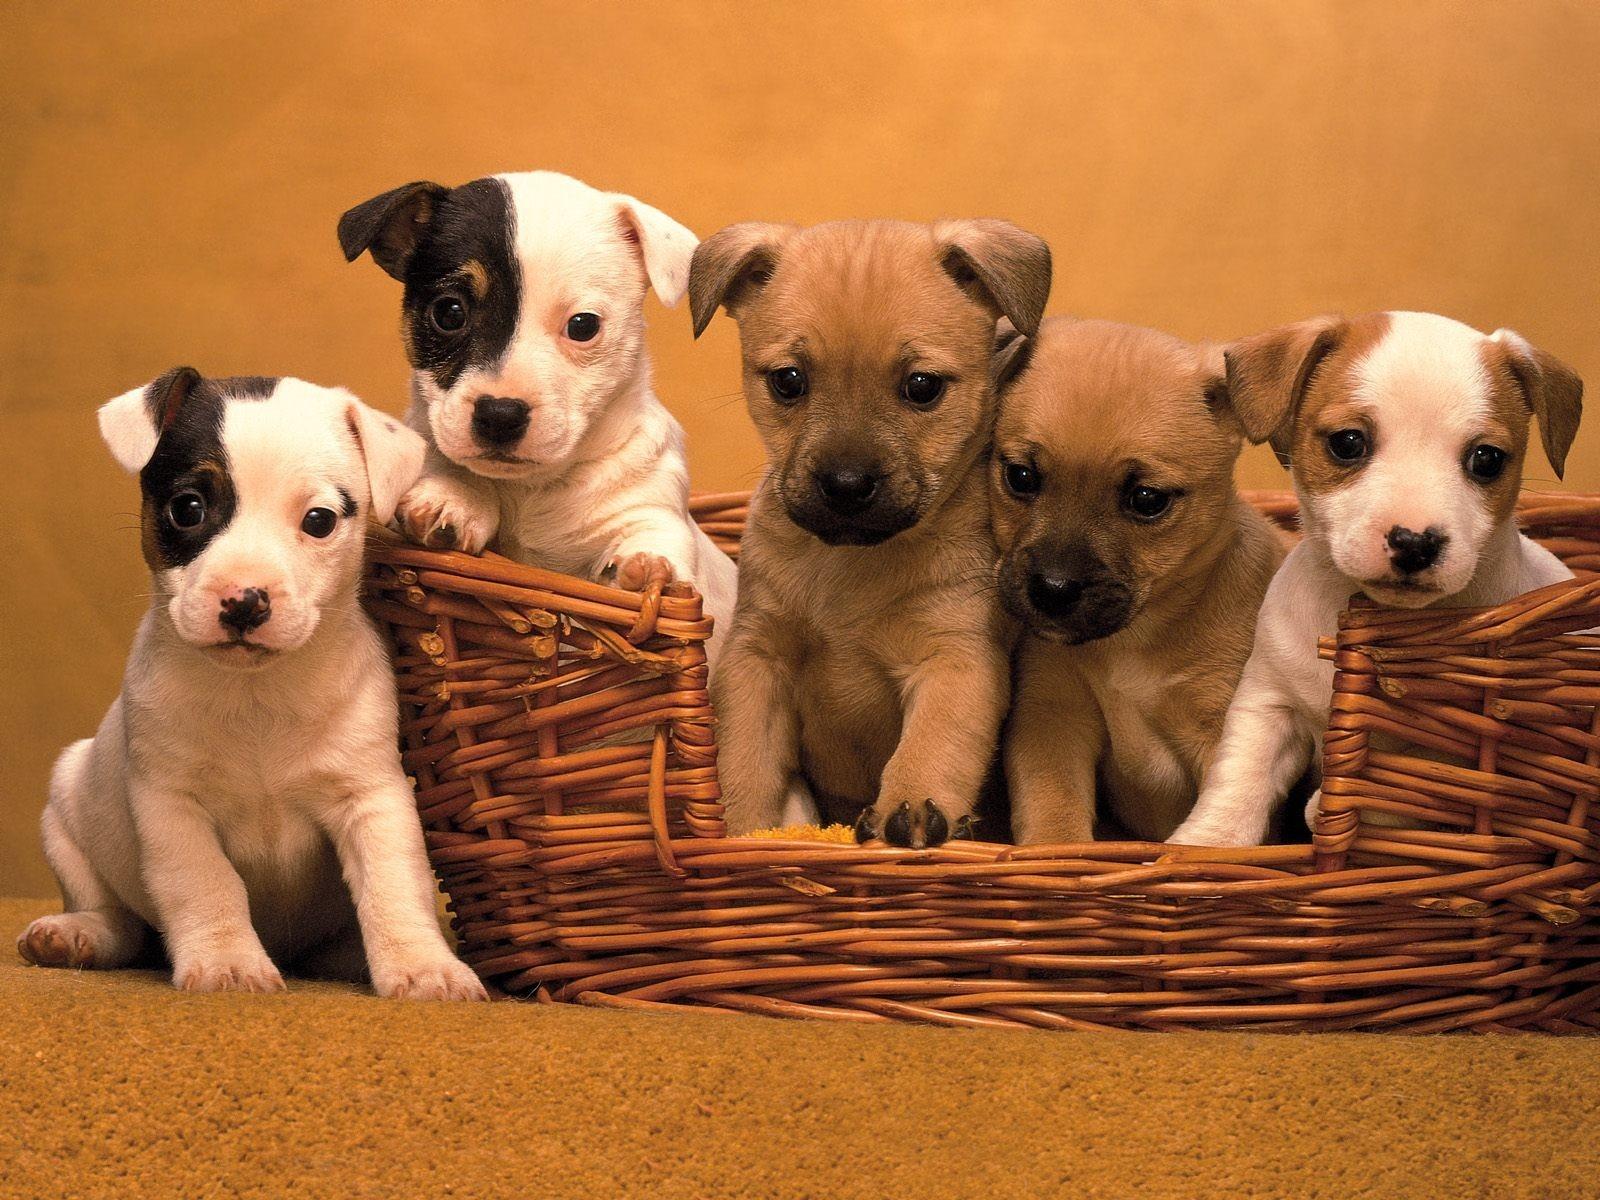 картинки собак щенки смотреть продаже домов